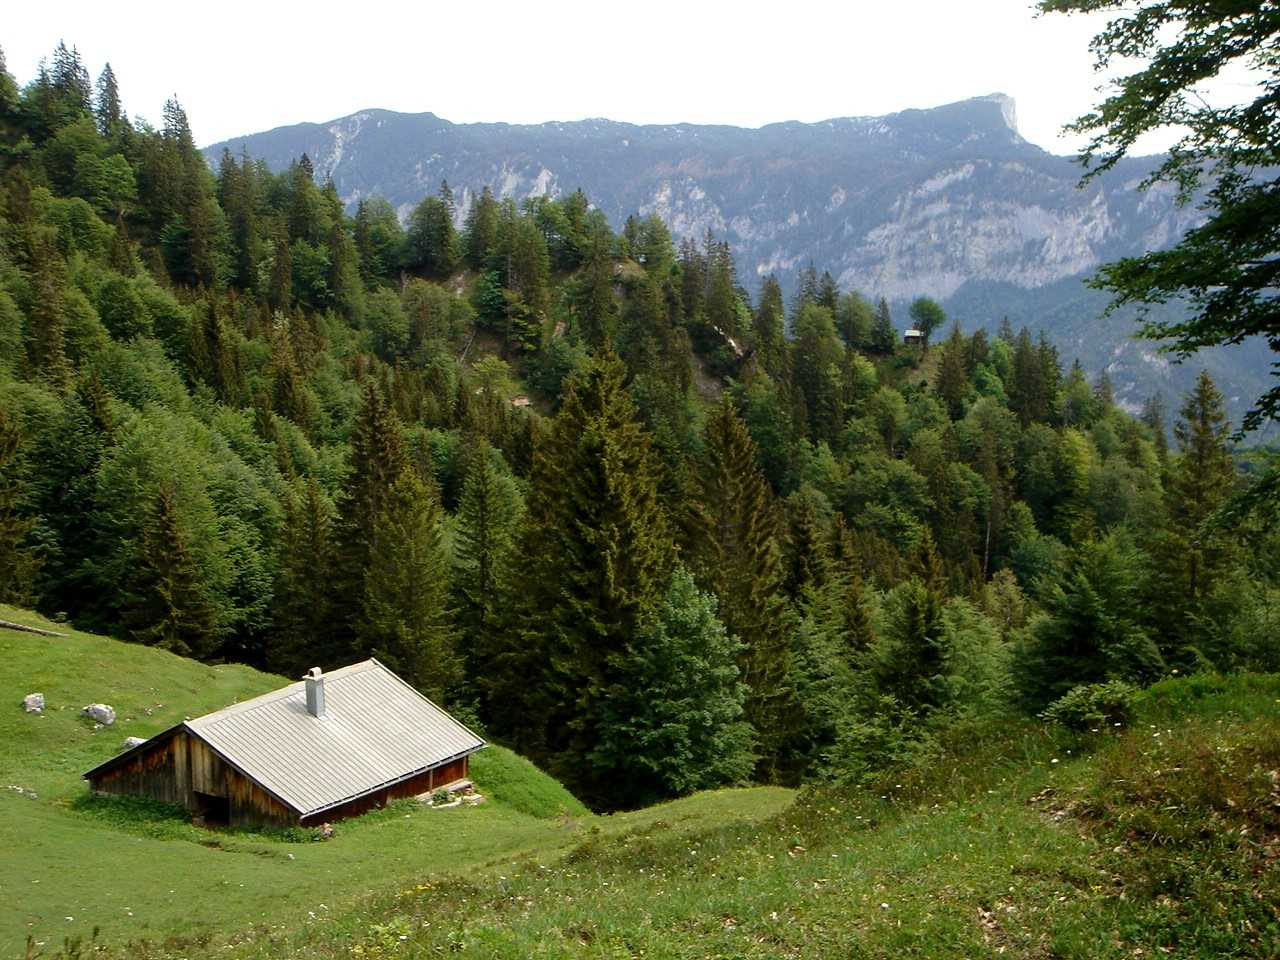 Foto: Manfred Karl / Wander Tour / Törlkopf, 1704 m / Von der Alm hat man bereits einen schönen Blick auf das Westplateau des Untersberges. / 03.06.2007 20:44:23